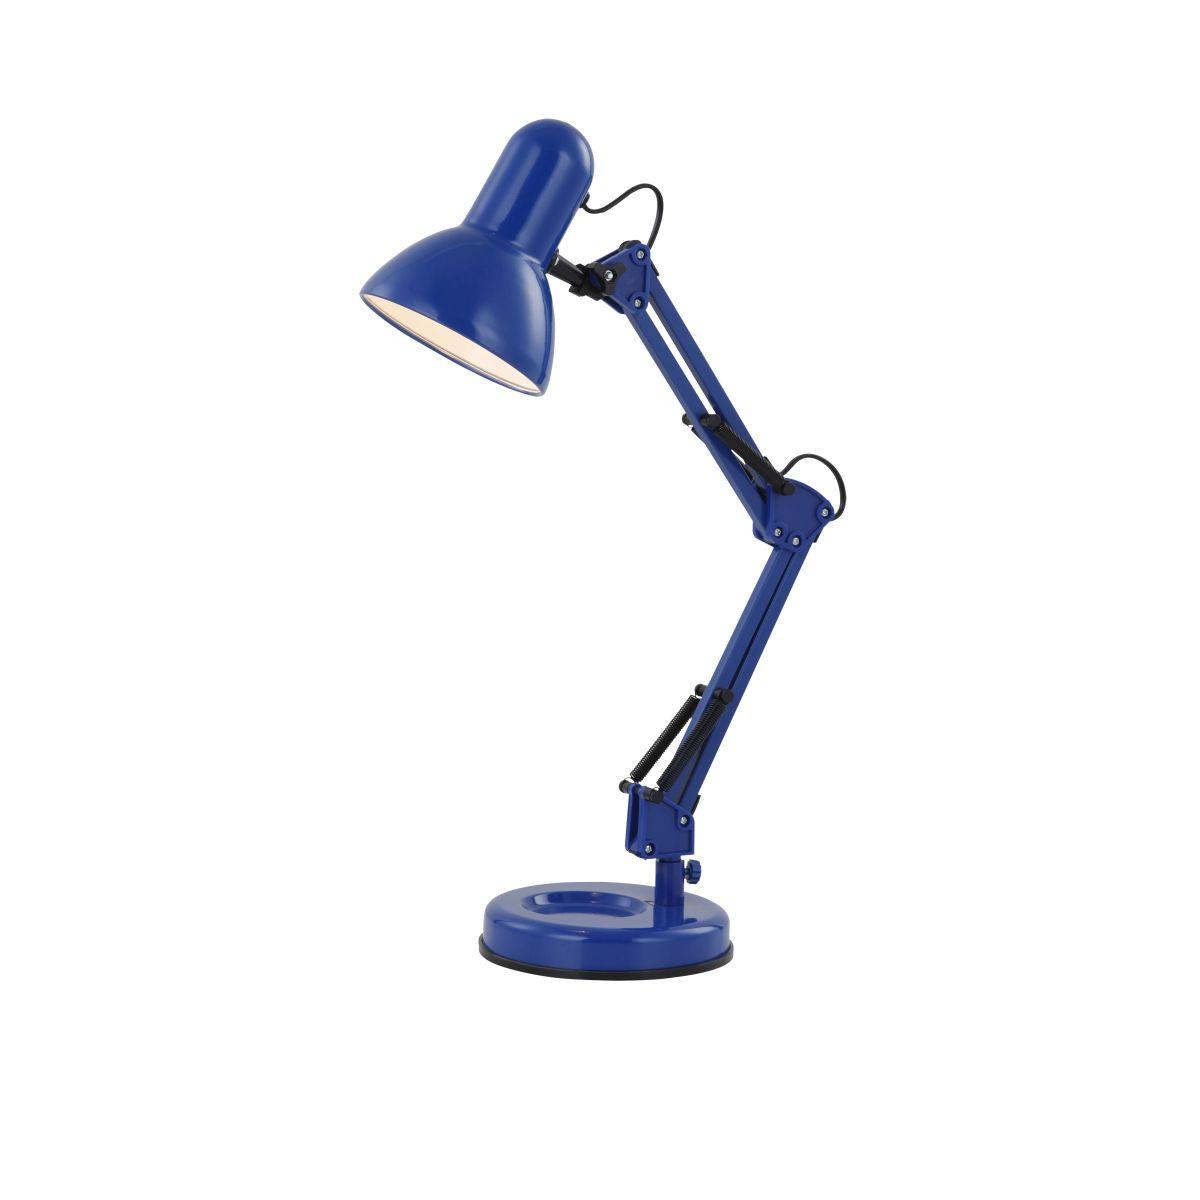 Настольная лампаНастольные лампы<br>&amp;lt;div&amp;gt;Вид цоколя: E27&amp;lt;/div&amp;gt;&amp;lt;div&amp;gt;Мощность: 40W&amp;lt;/div&amp;gt;&amp;lt;div&amp;gt;Количество ламп: 1&amp;lt;/div&amp;gt;<br><br>Material: Пластик<br>Height см: 59<br>Diameter см: 33